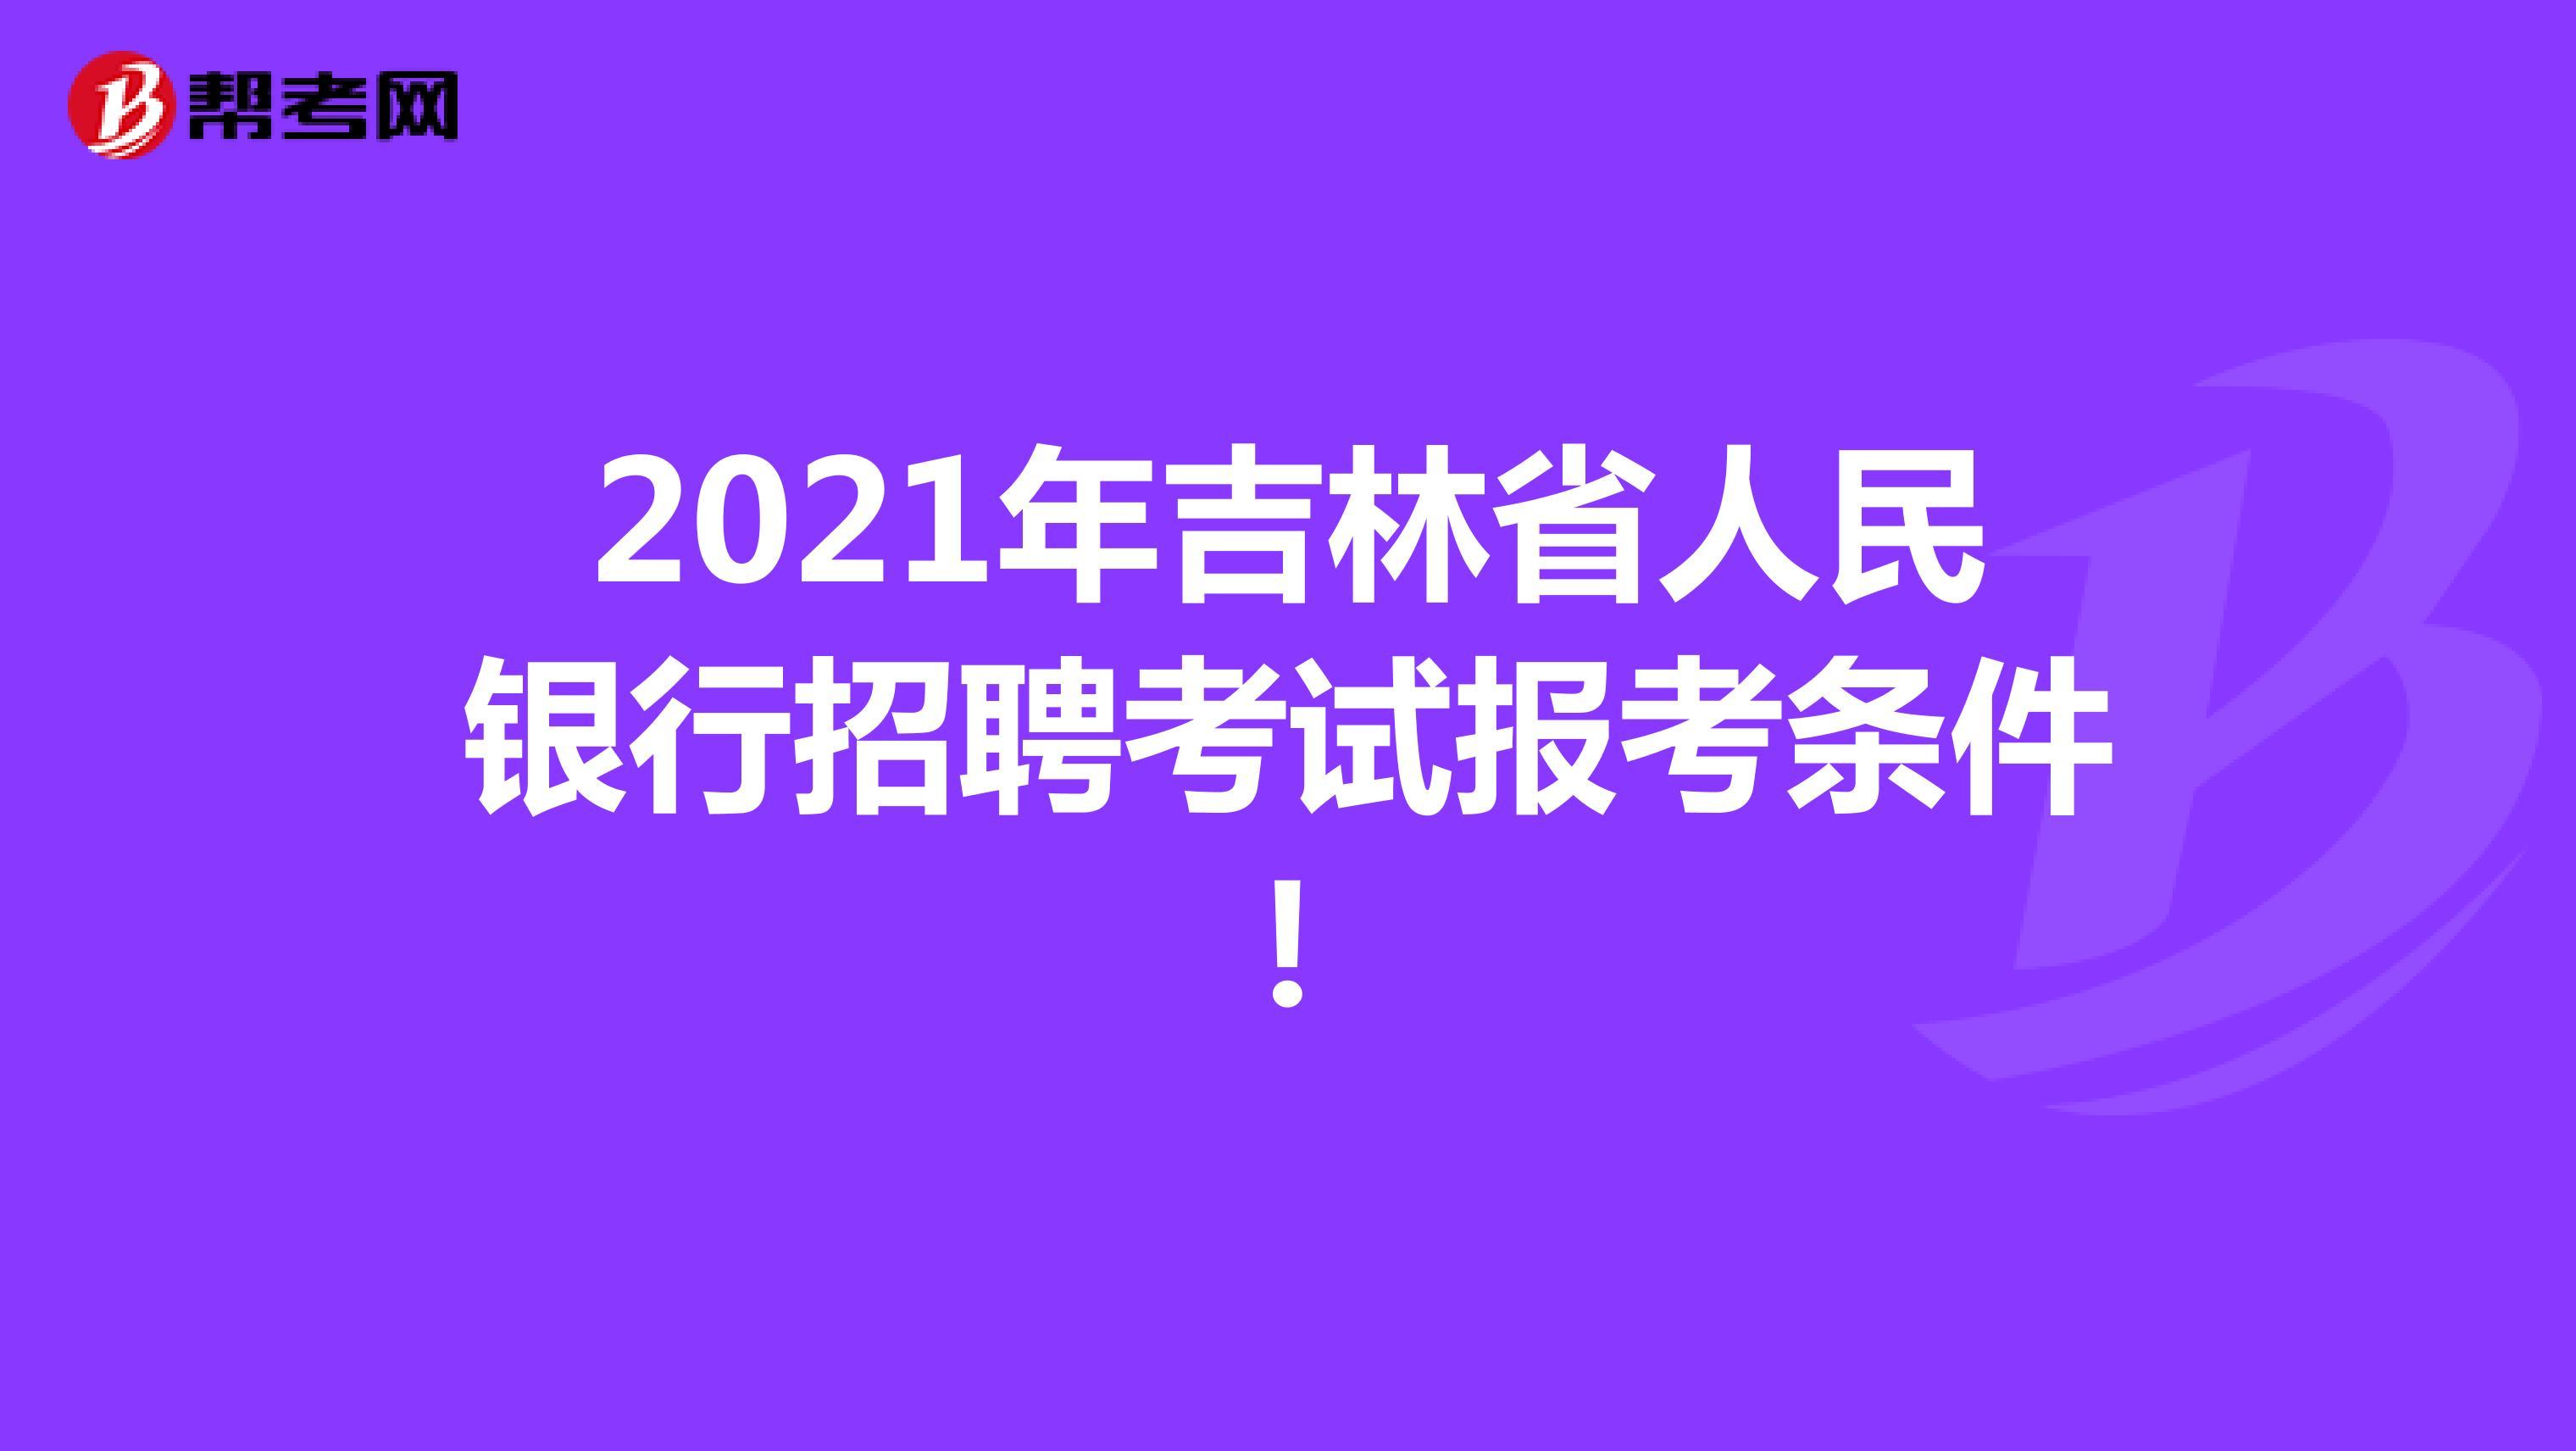 2021年吉林省人民銀行招聘考試報考條件!